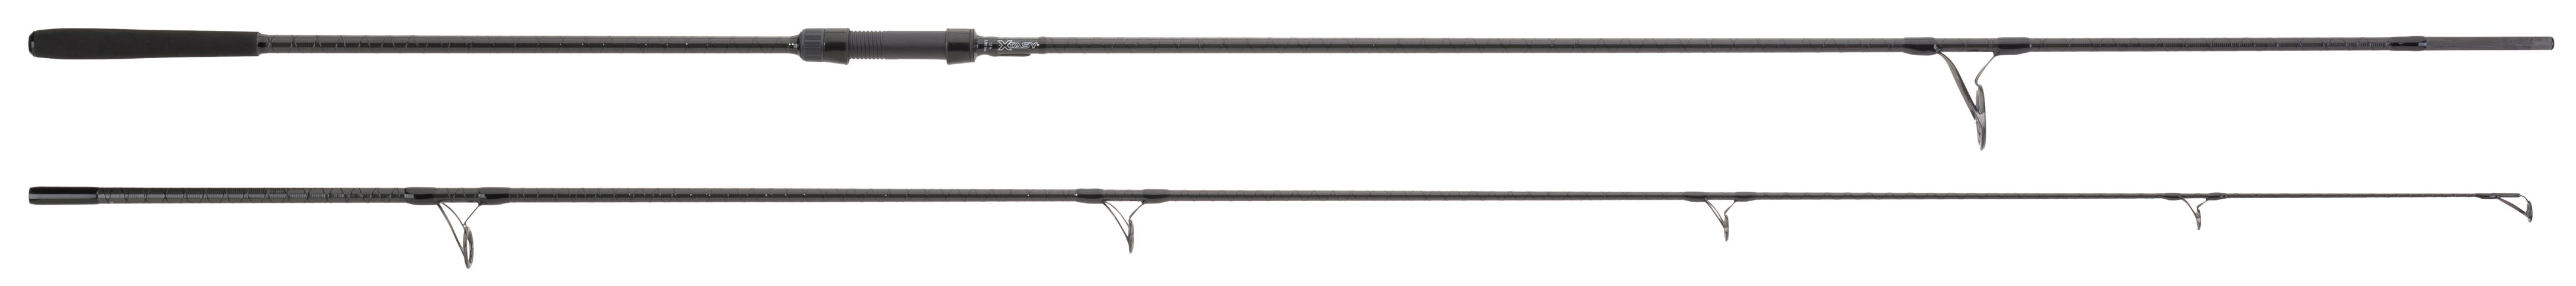 Anaconda prut Xtasy 3,9 m/3,50 lb